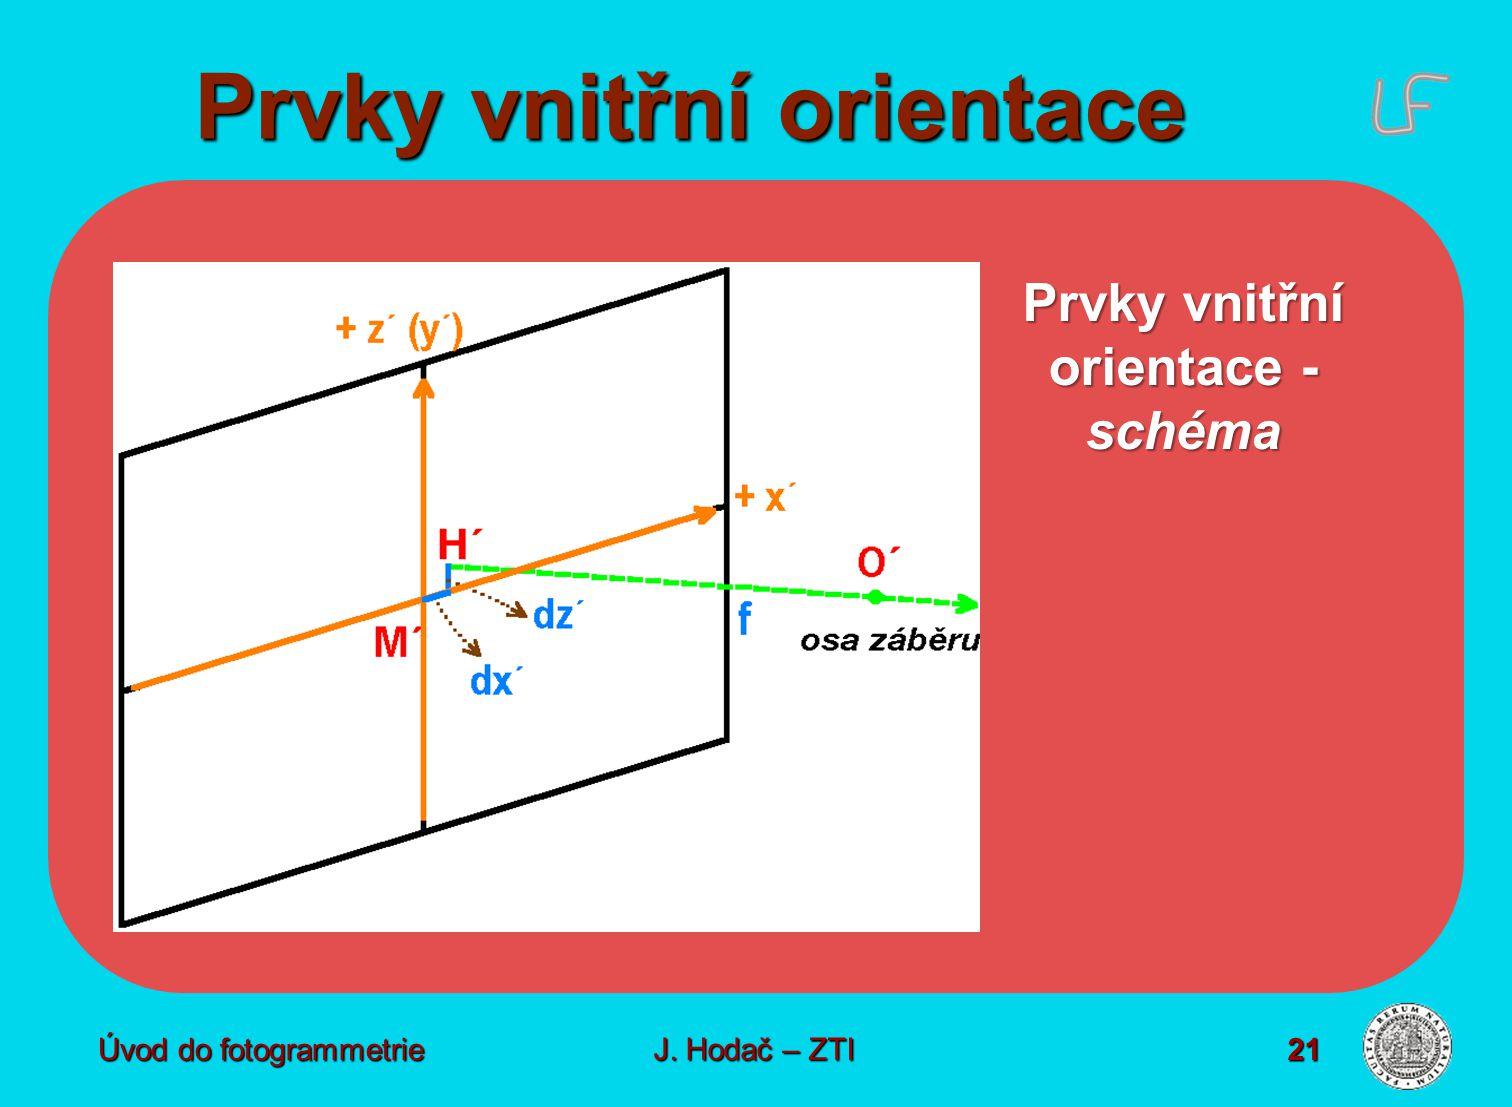 Prvky vnitřní orientace